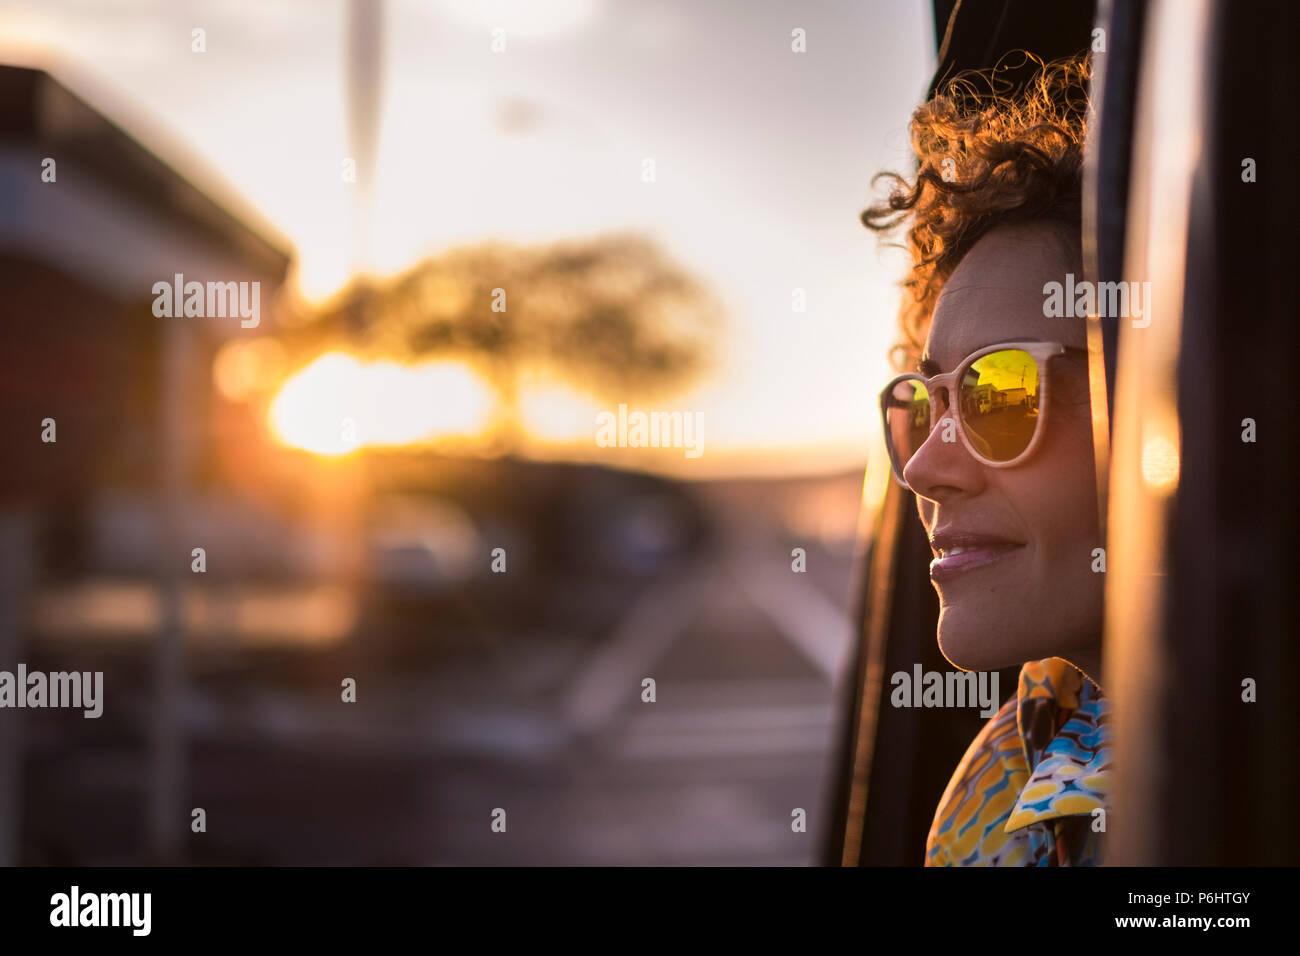 Schöne Frau reisen auf einem Auto außerhalb suchen und genießen Sie das Licht der goldenen Sonnenuntergang auf ihrem Gesicht. schön Lifestyle und friedlichen Emotionen Reisen a Stockbild